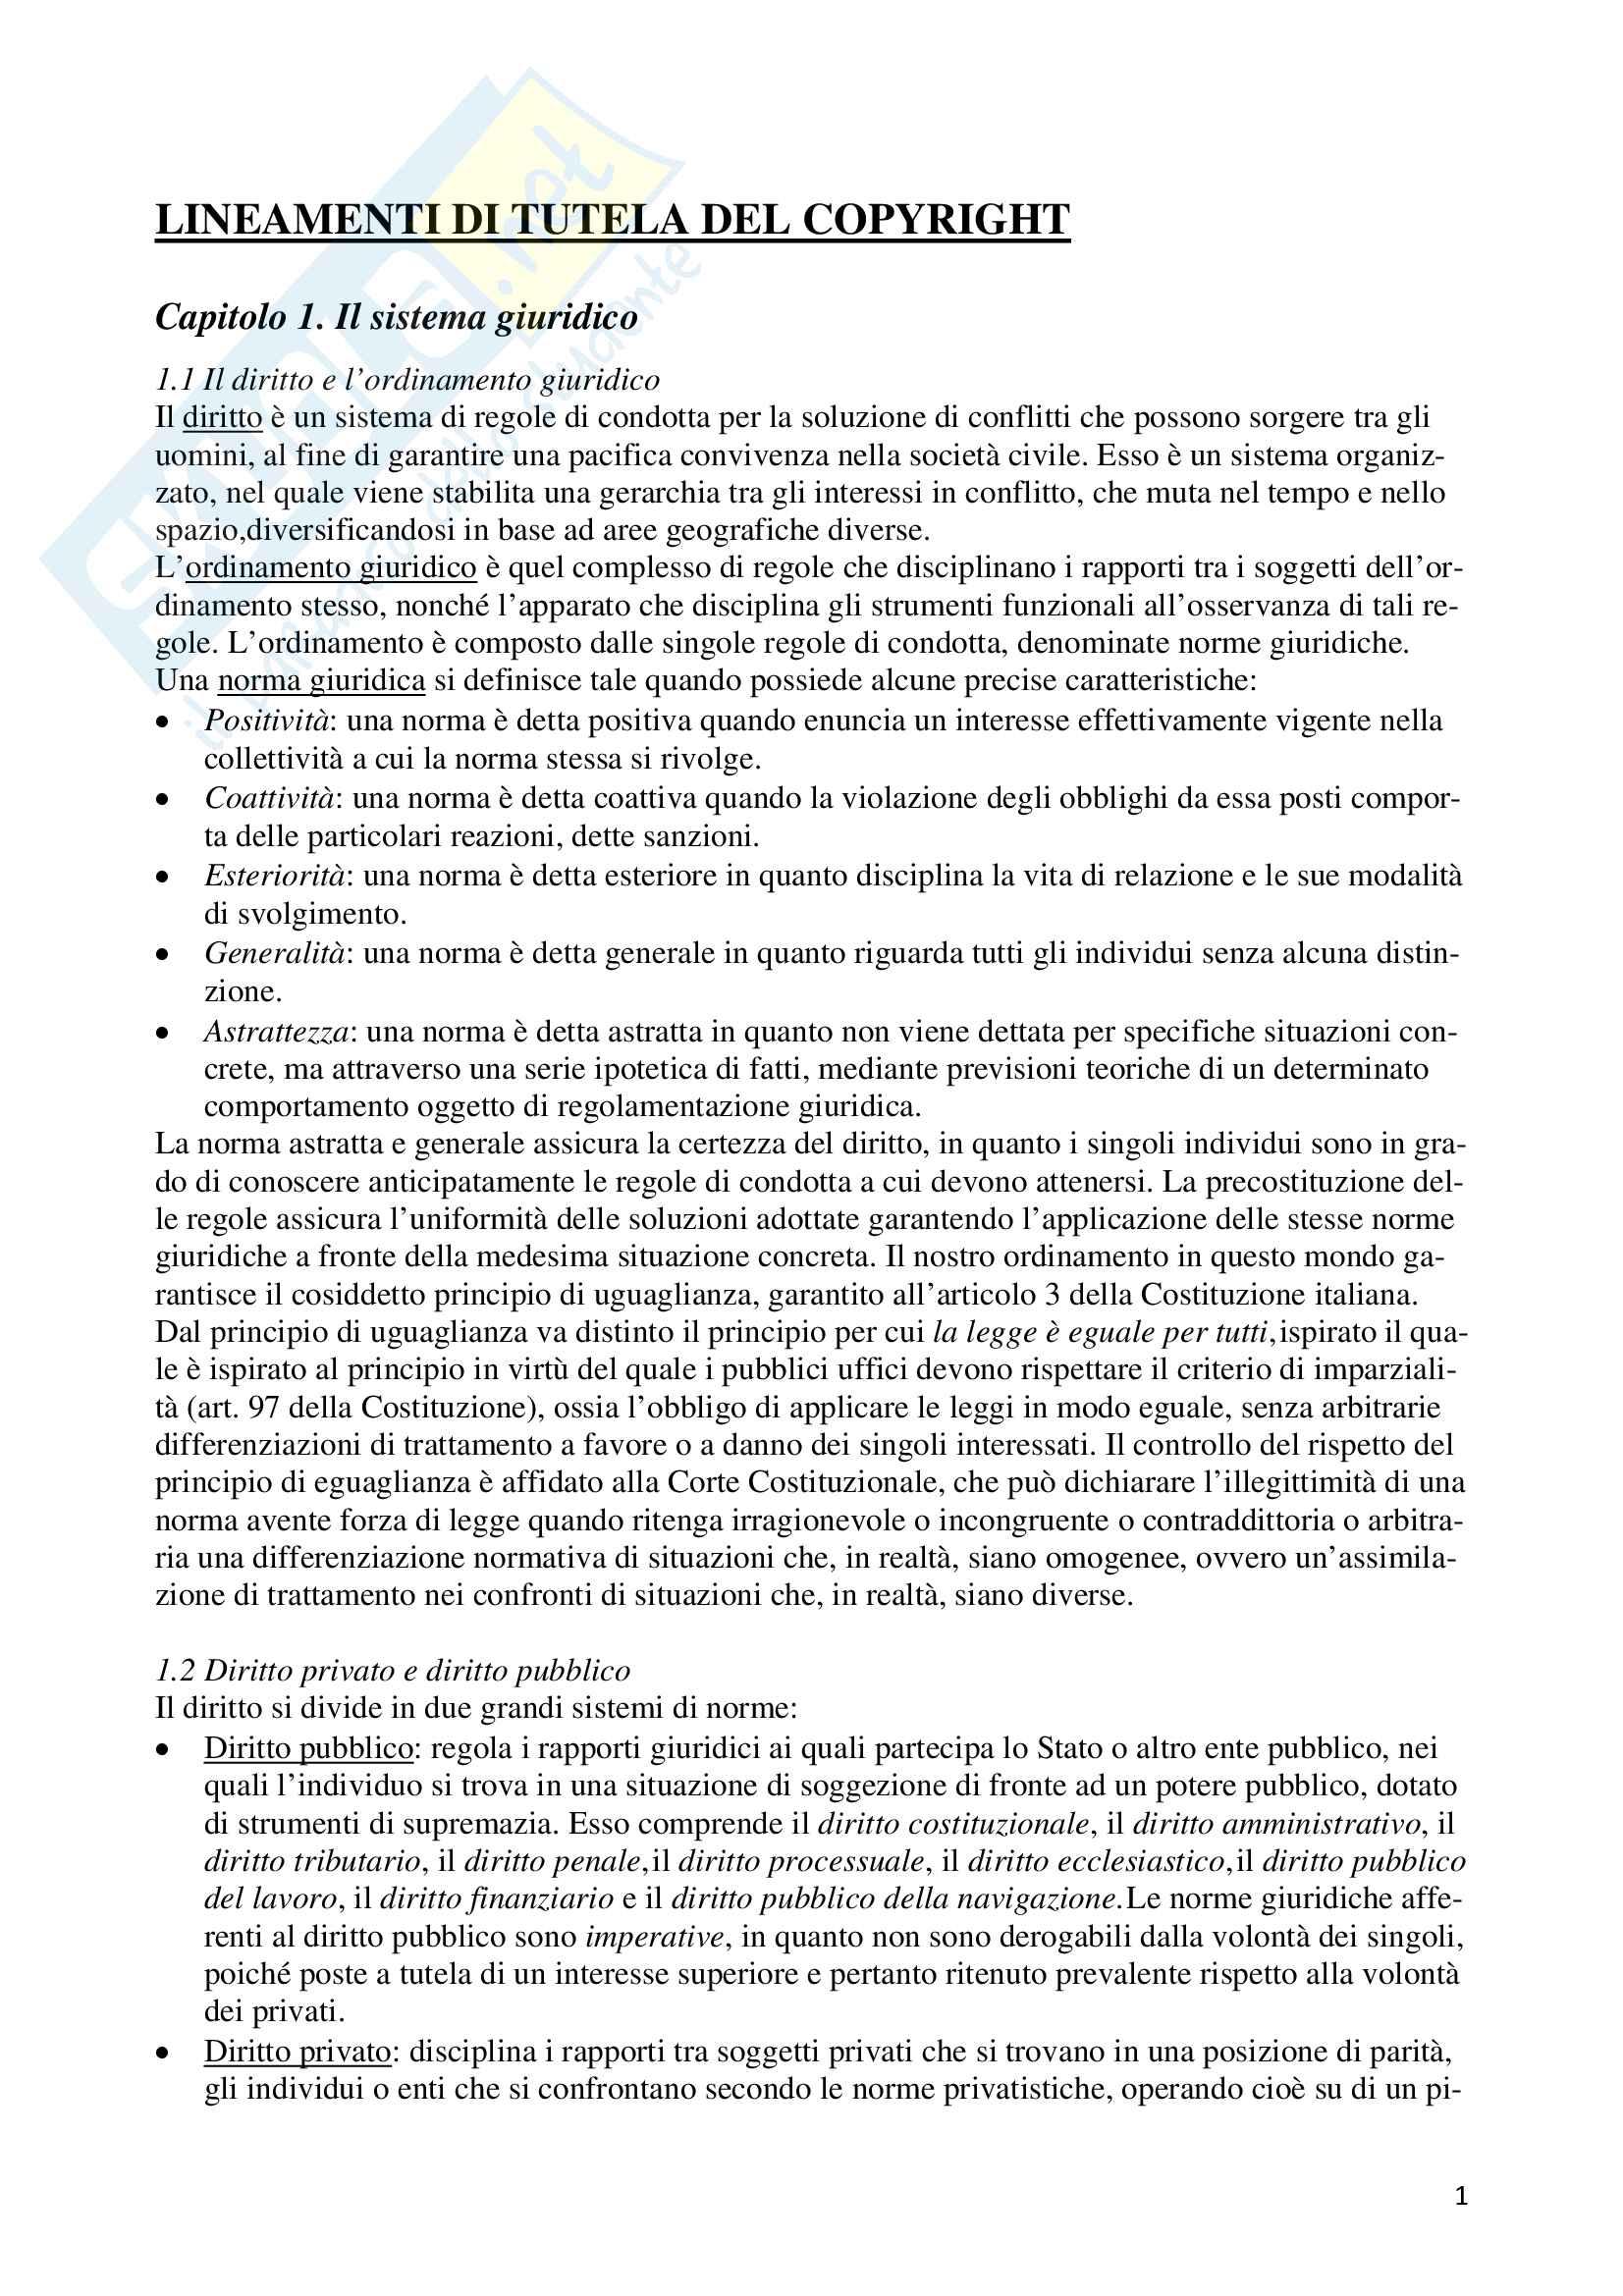 """Riassunto esame Fondamenti di diritto per il cinema, il teatro, lo spettacolo e il multimedia, prof. Porcari, libro consigliato """"Lineamenti di tutela del copyright"""" di Marco Porcari"""